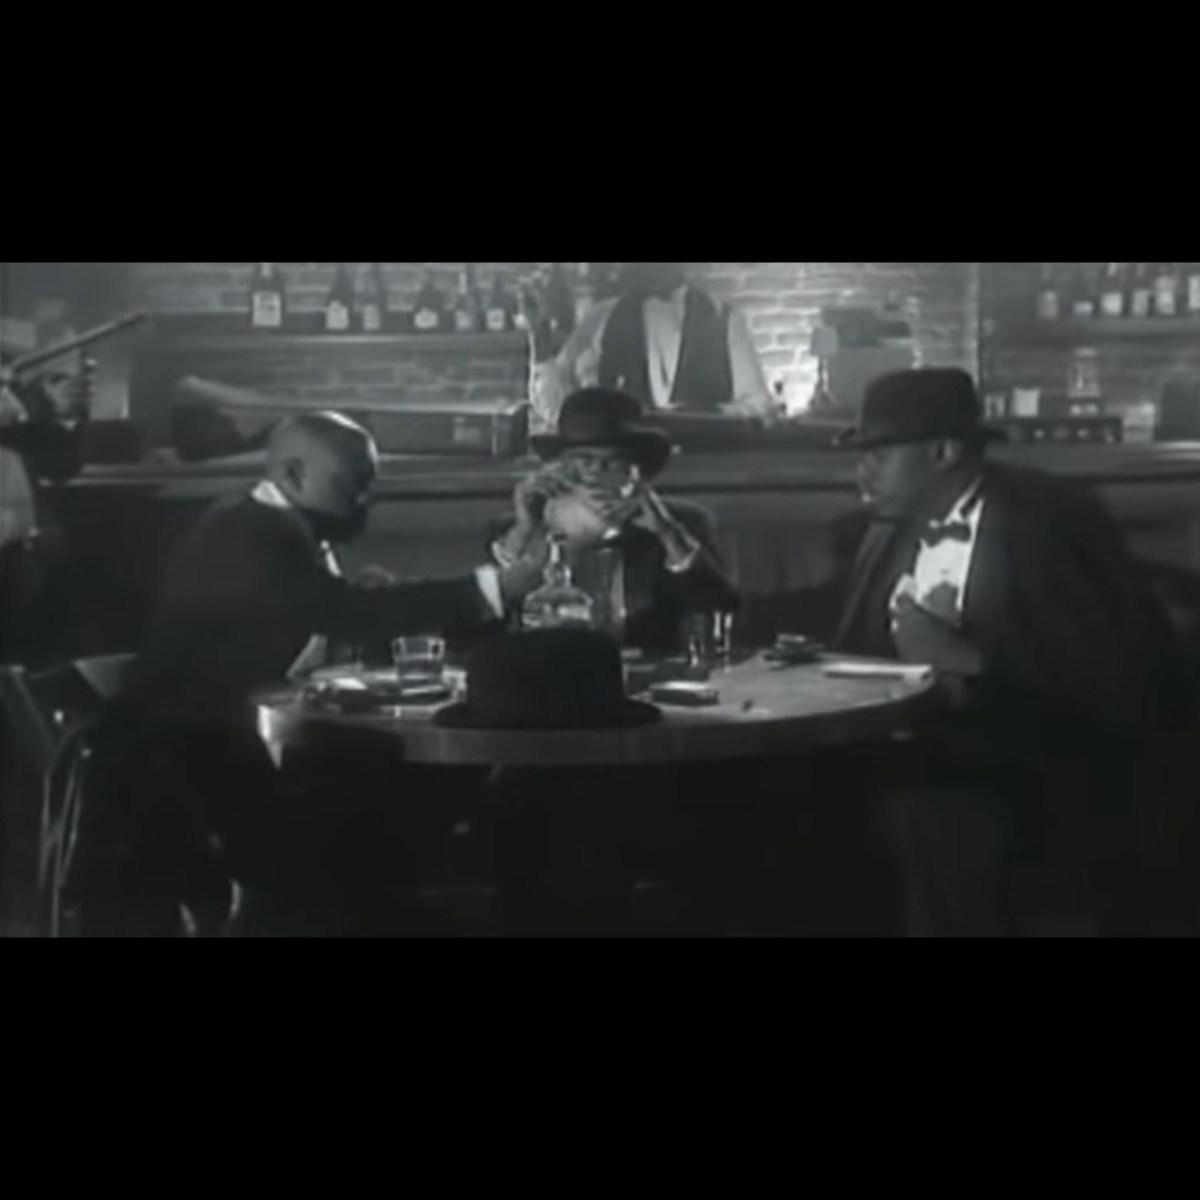 Thug Life - Pour Out A Little Liquor (Thumbnail)